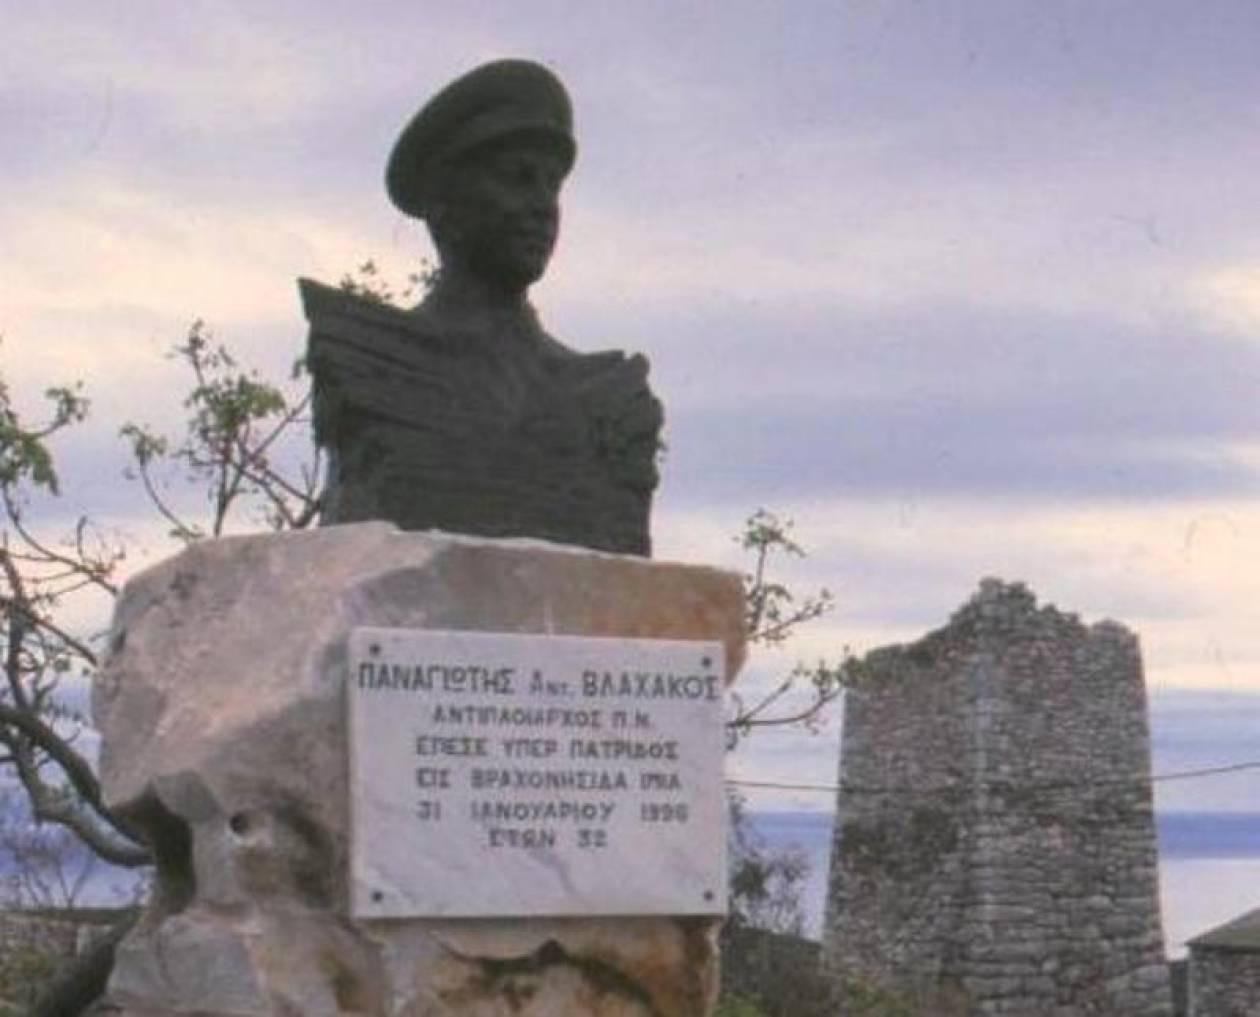 Ο Δήμος Πειραιά θα τιμήσει τον Παναγιώτη Βλαχάκο